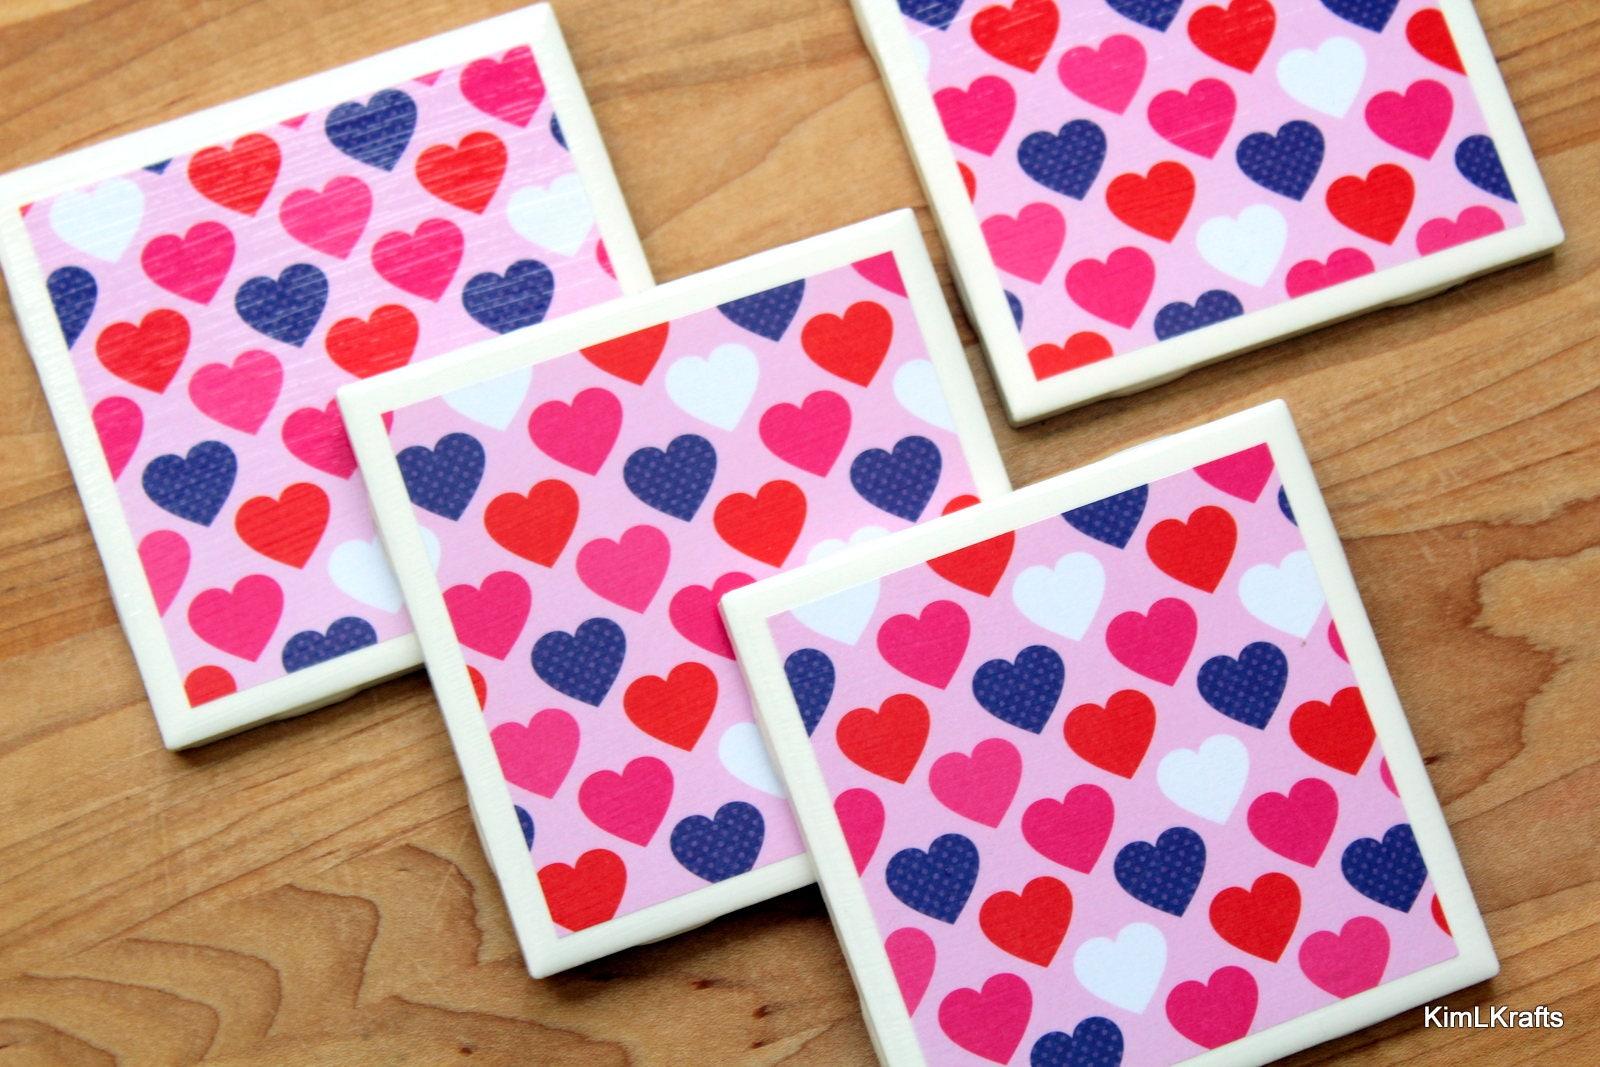 Heart Coaster Handmade Coasters Valentine\'s Day